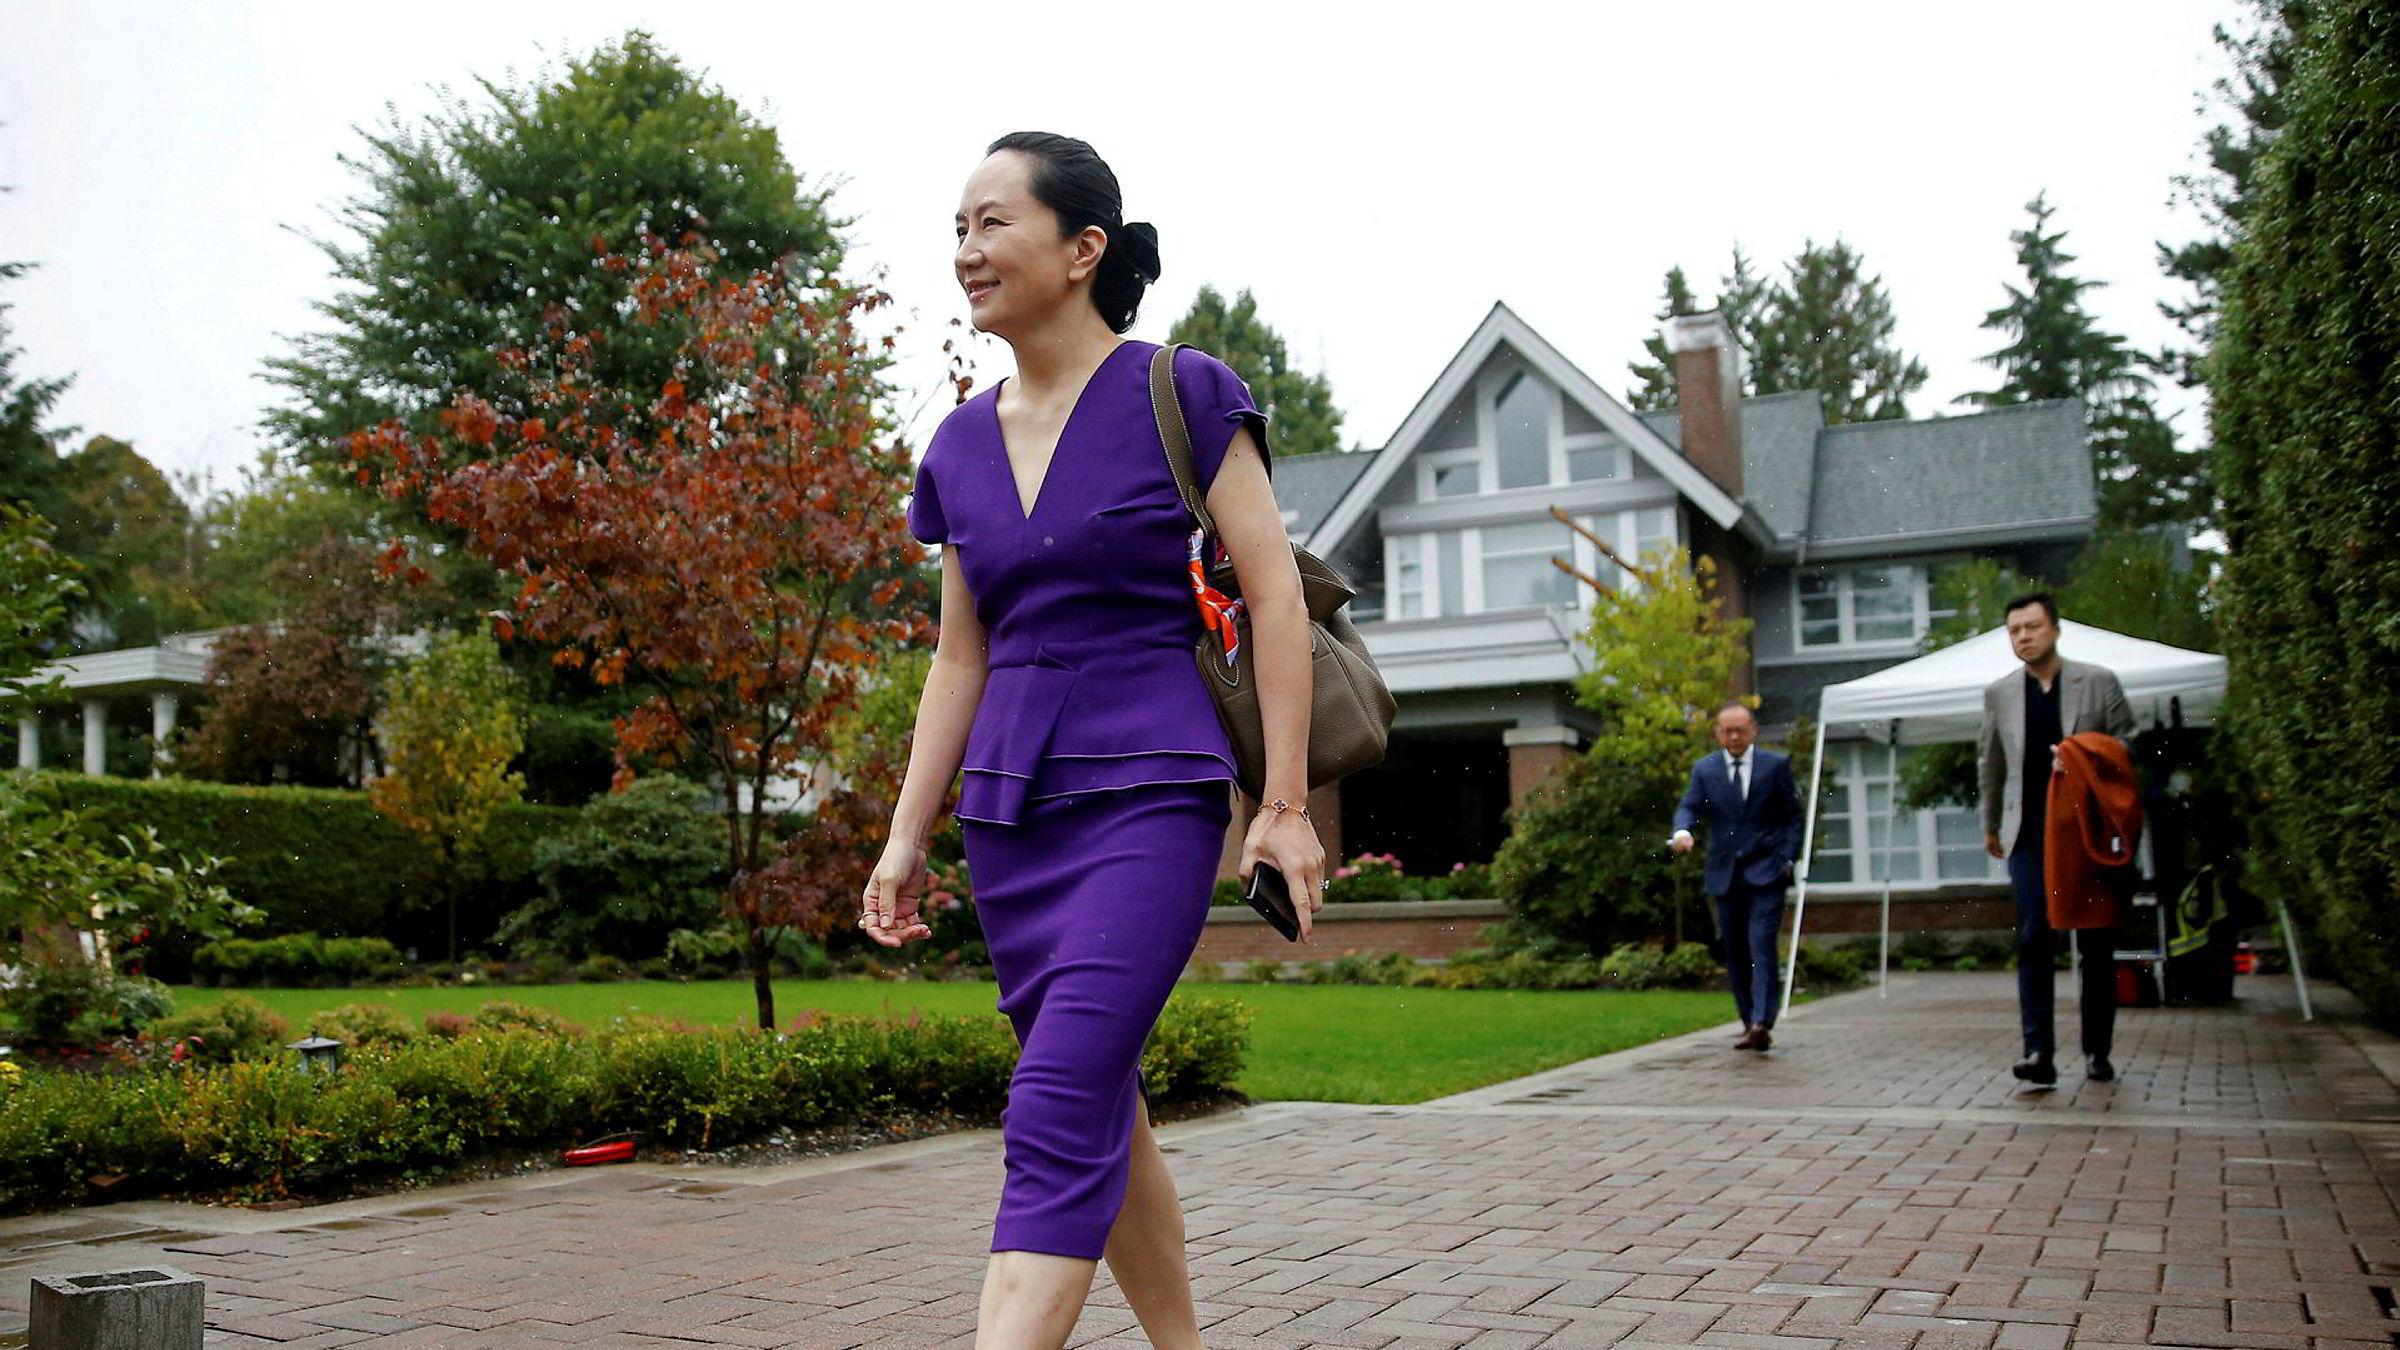 Huaweis finansdirektør Meng Wanzhou er under husarrest i en luksusbolig i Vancouver i Canada. Hun er pålagt av retten å gå med elektronisk fotlenke. Luksuslivet under husarrest har skapt reaksjoner i Kina.